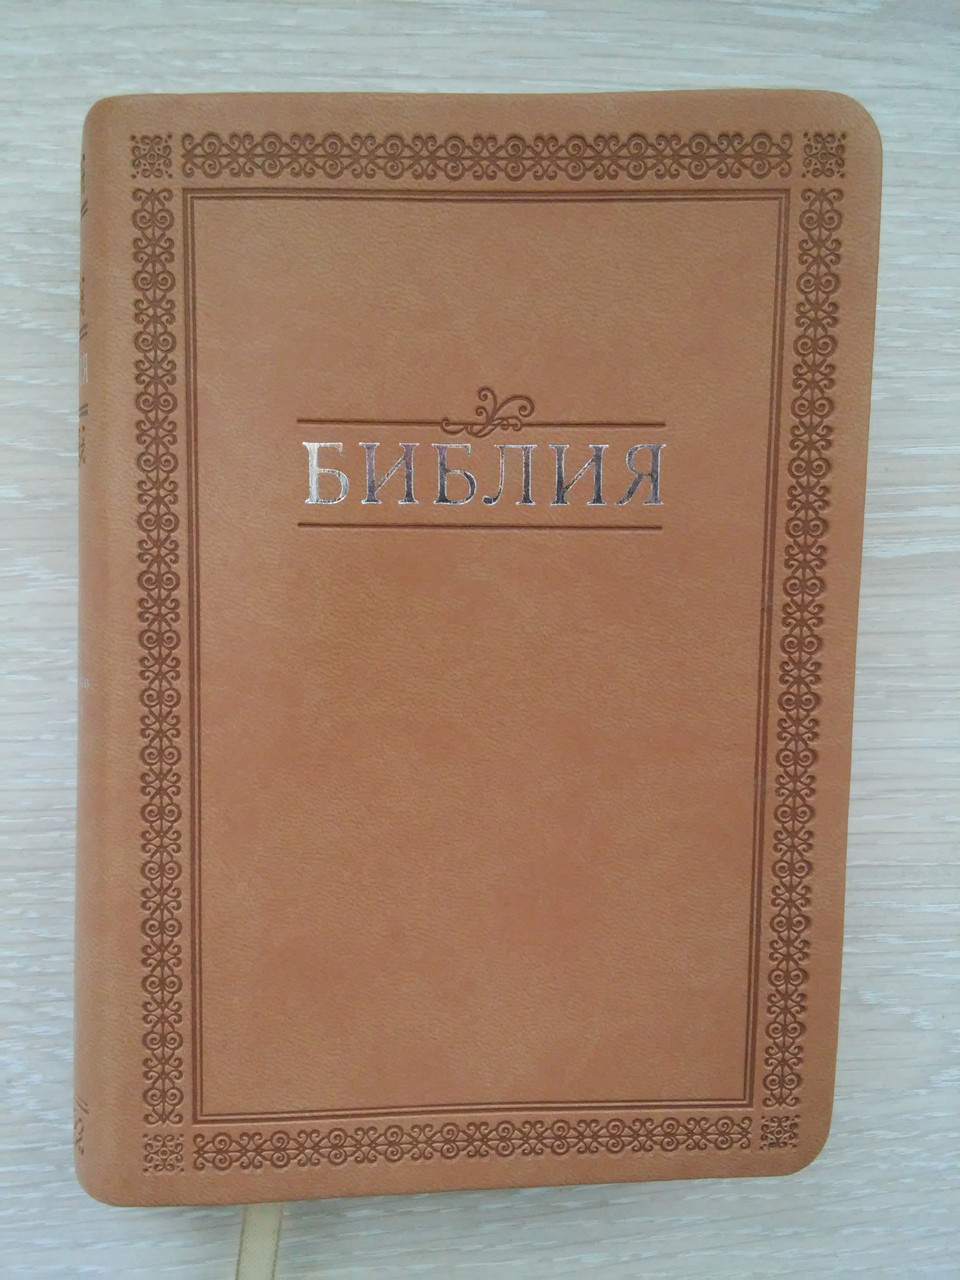 Библия, 12,5х17,5 см., светло-коричневая